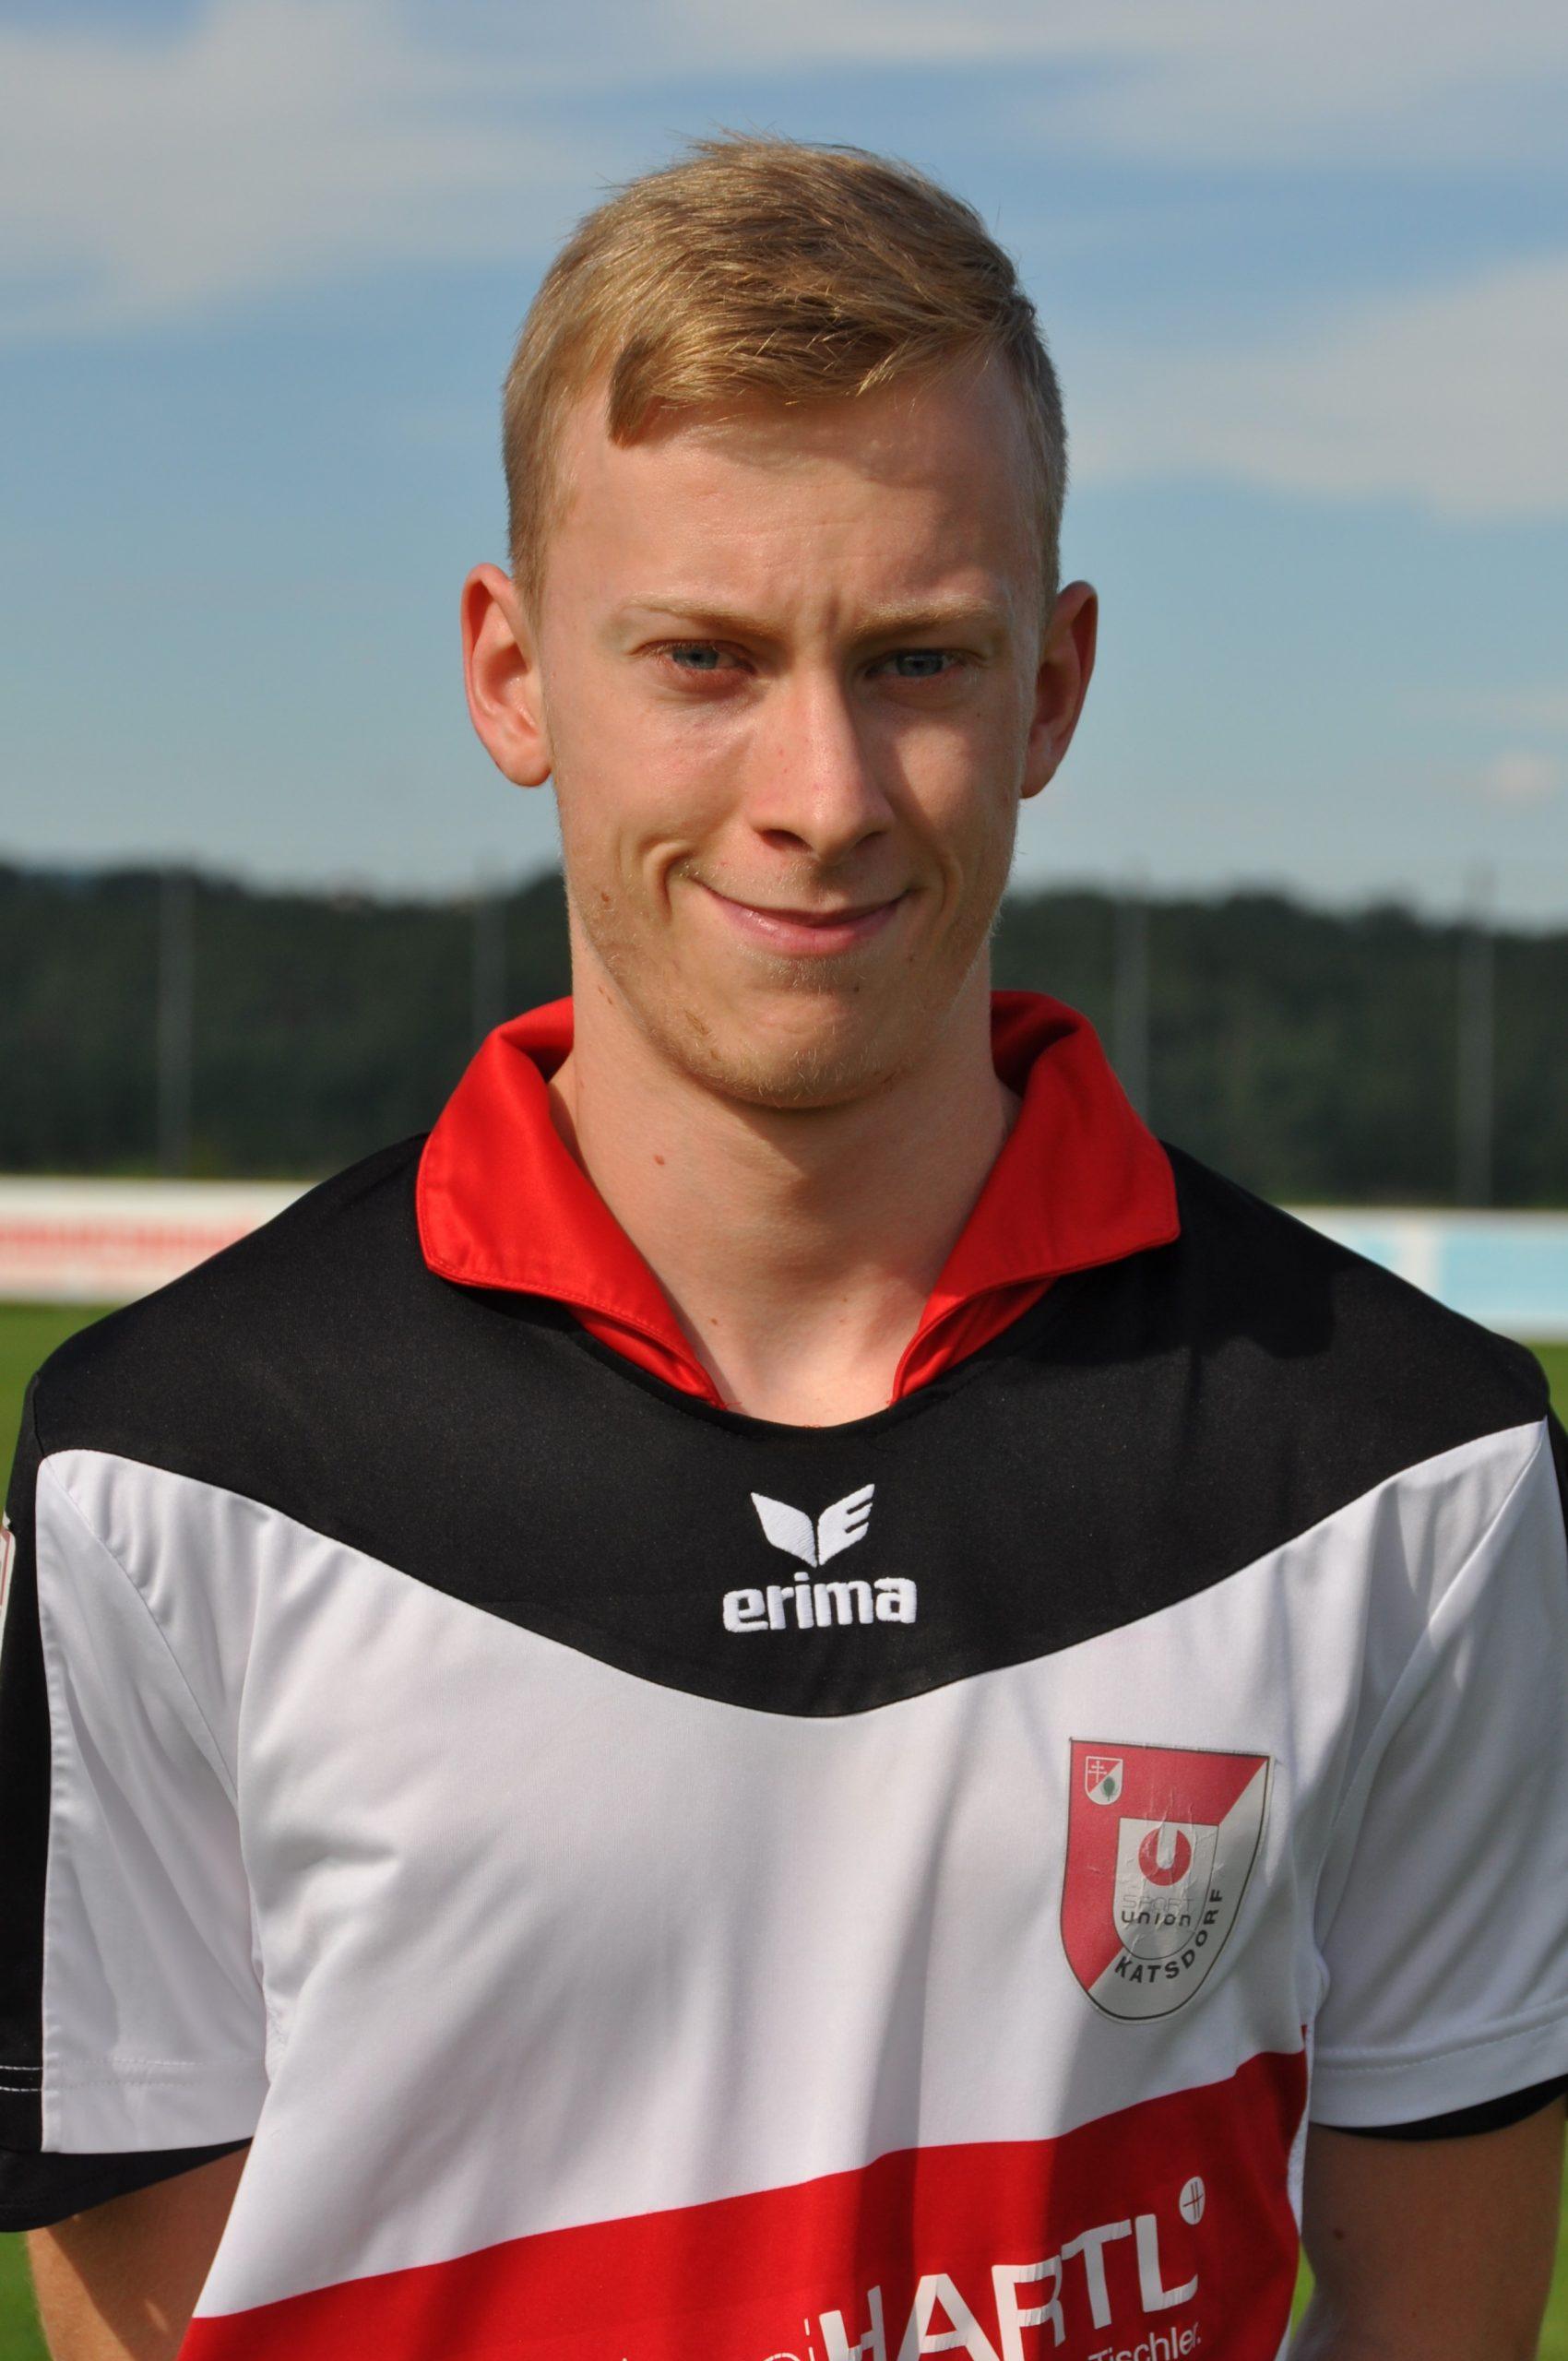 Union Katsdorf - Michael Janko